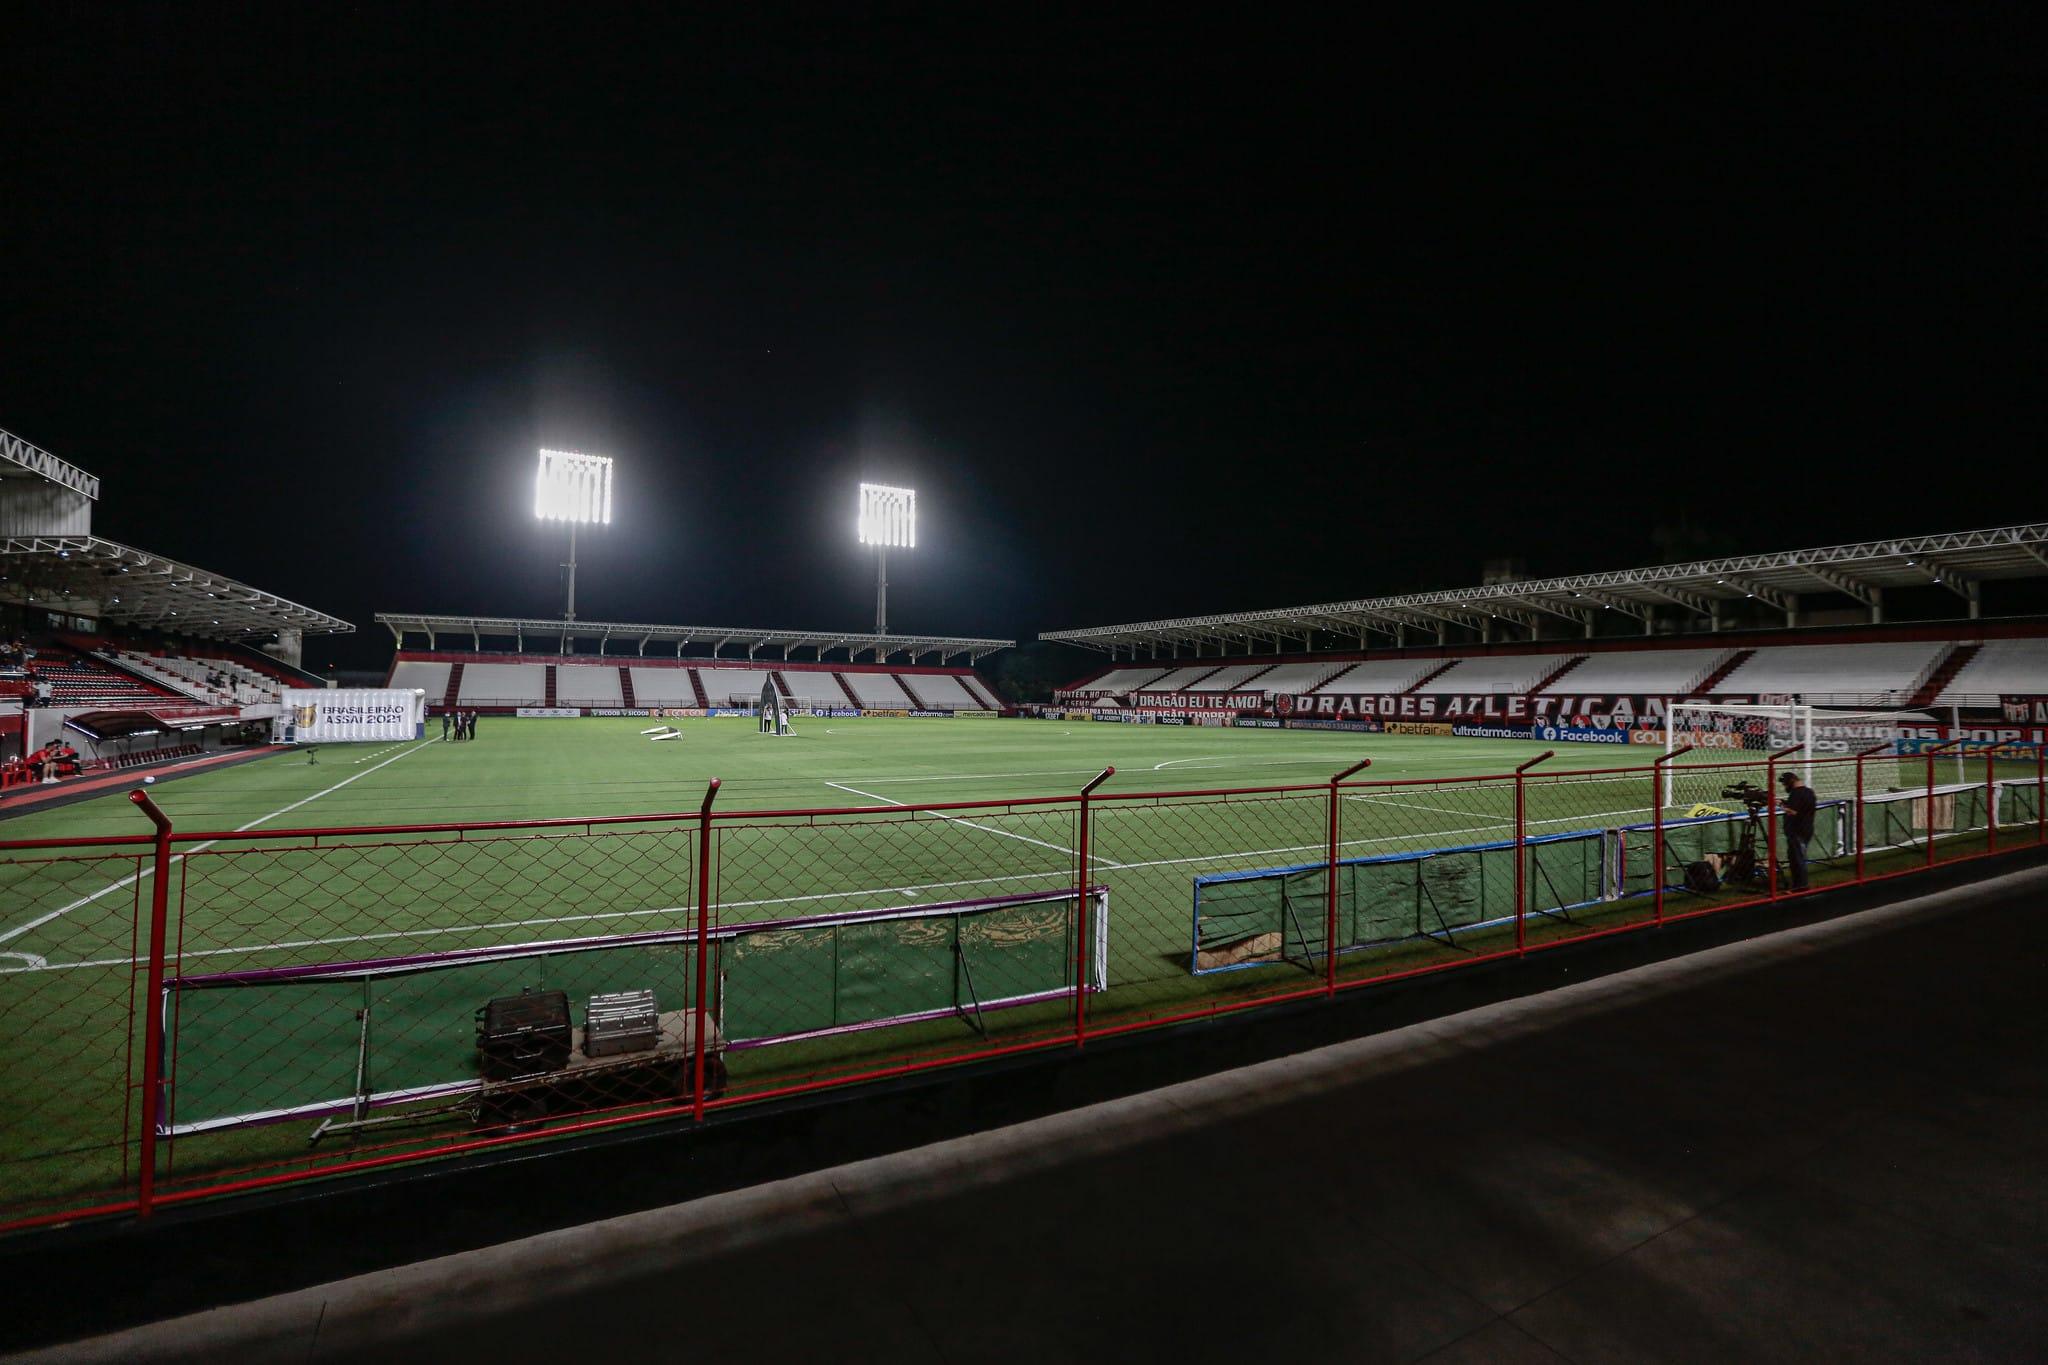 Com objetivos semelhantes, Atlético-GO e Athletico-PR se enfrentam na noite desta quarta-feira (06), às 19h, no Estádio Antônio Accioly